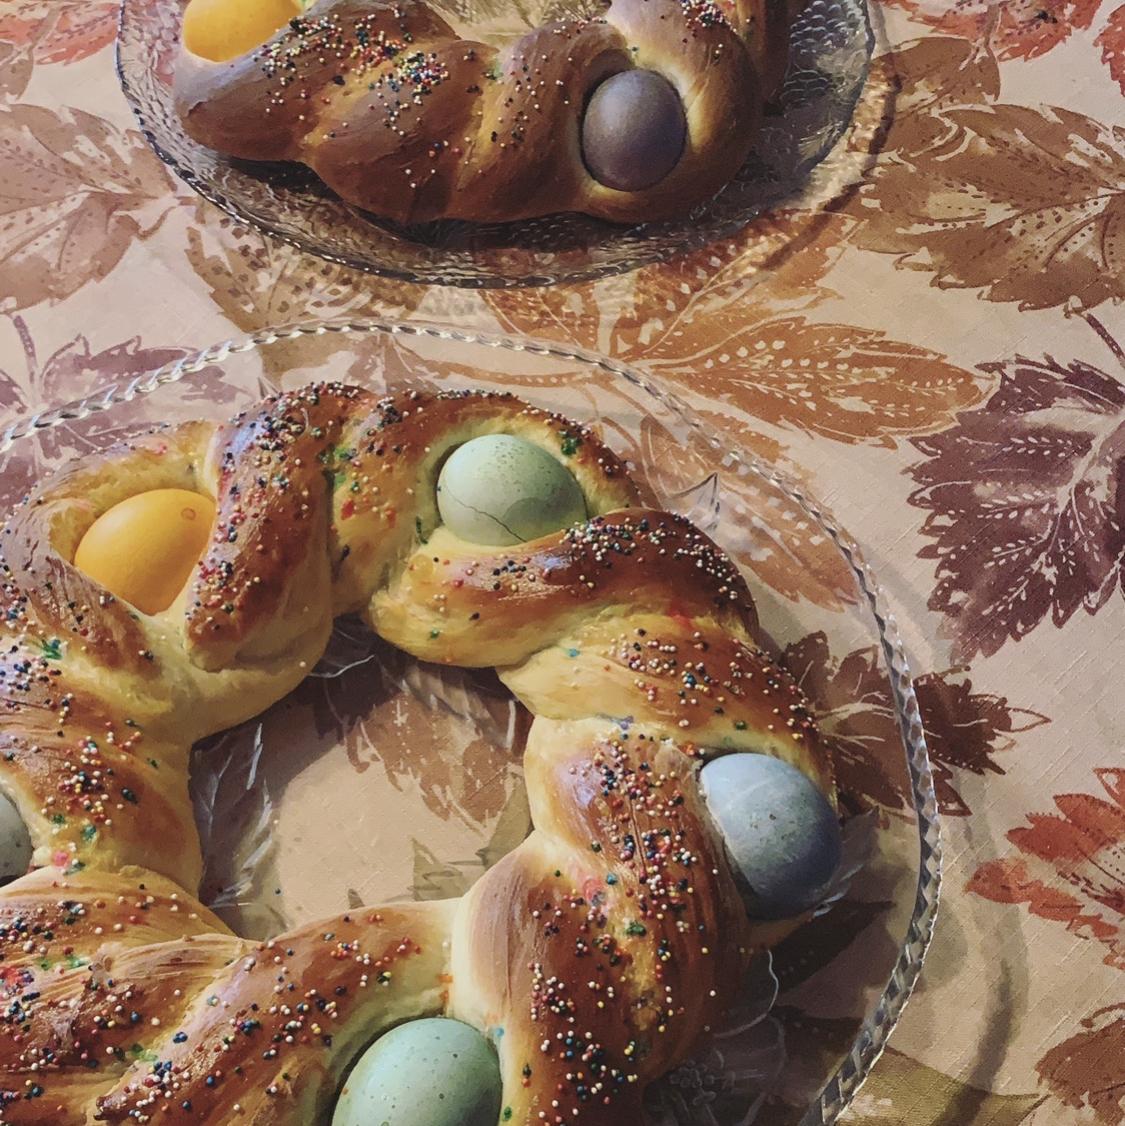 Braided Easter Egg Bread kelseyb